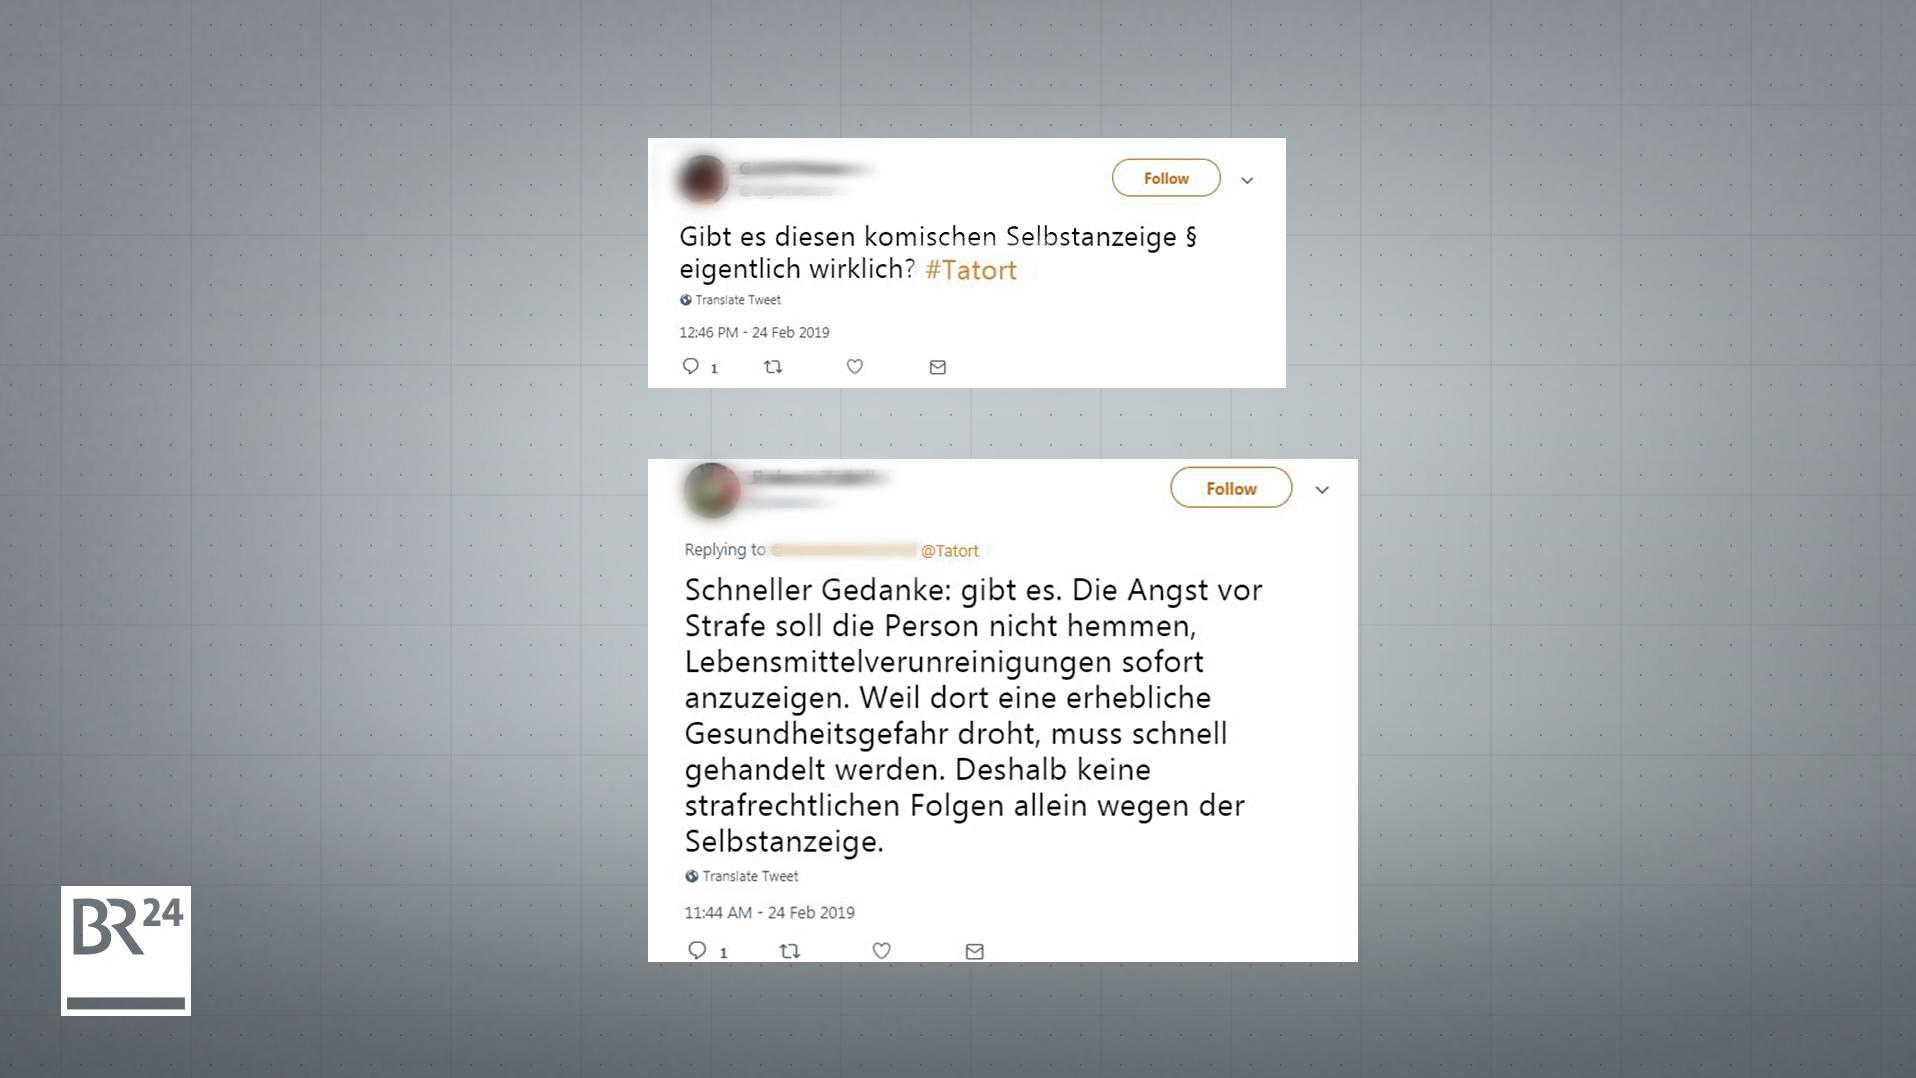 Twitter-Nutzer kommentieren die Frage der Selbstanzeige im Tatort aus Franken